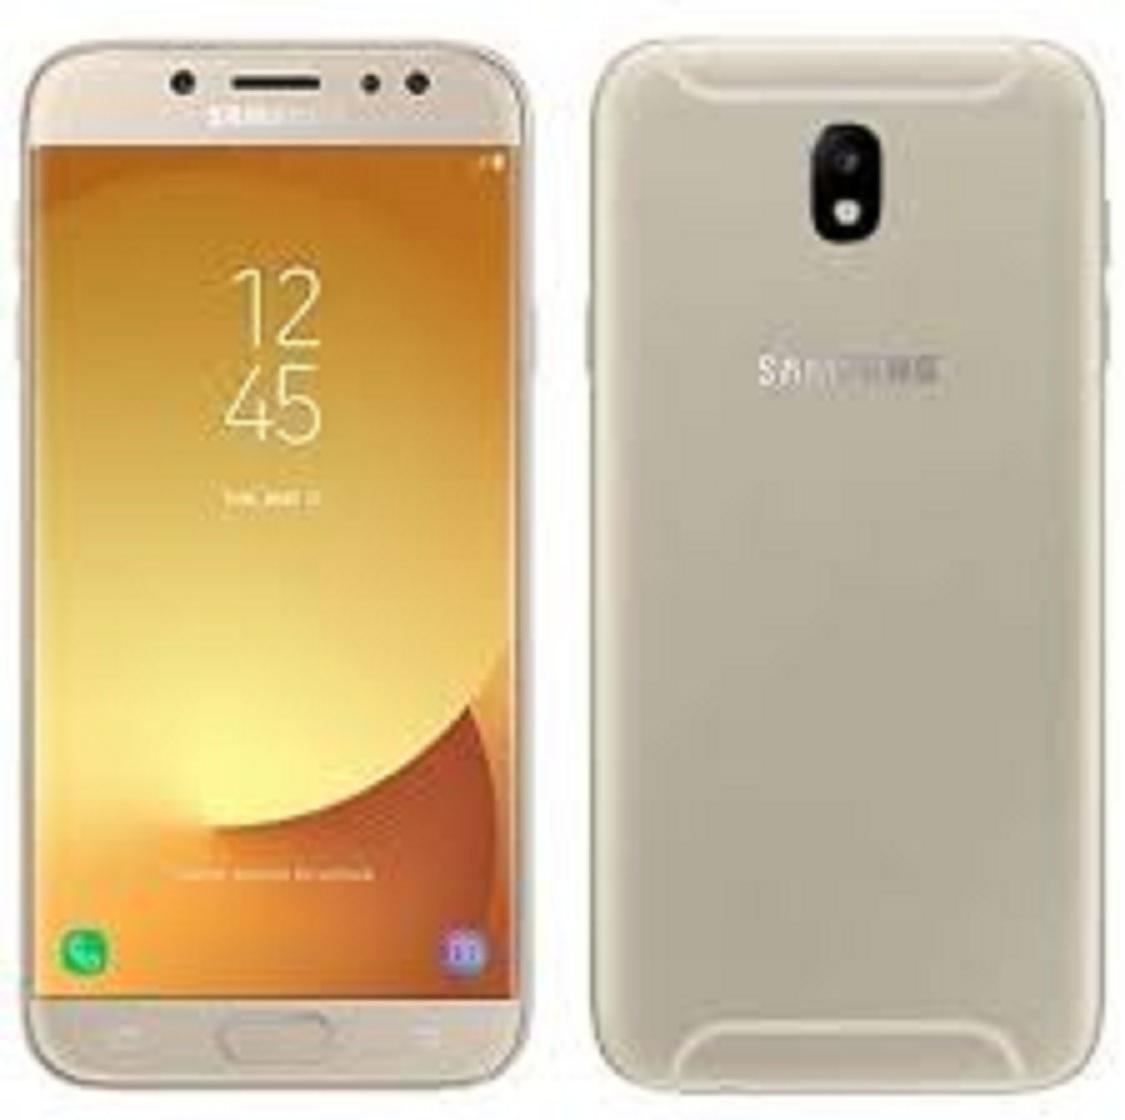 [BÁN LẺ = GIÁ SỈ] Samsung Galaxy J7 Pro 2sim Ram 3G Bộ Nhớ 32G CHÍNH HÃNG Mới Giá Quá Ưu Đãi